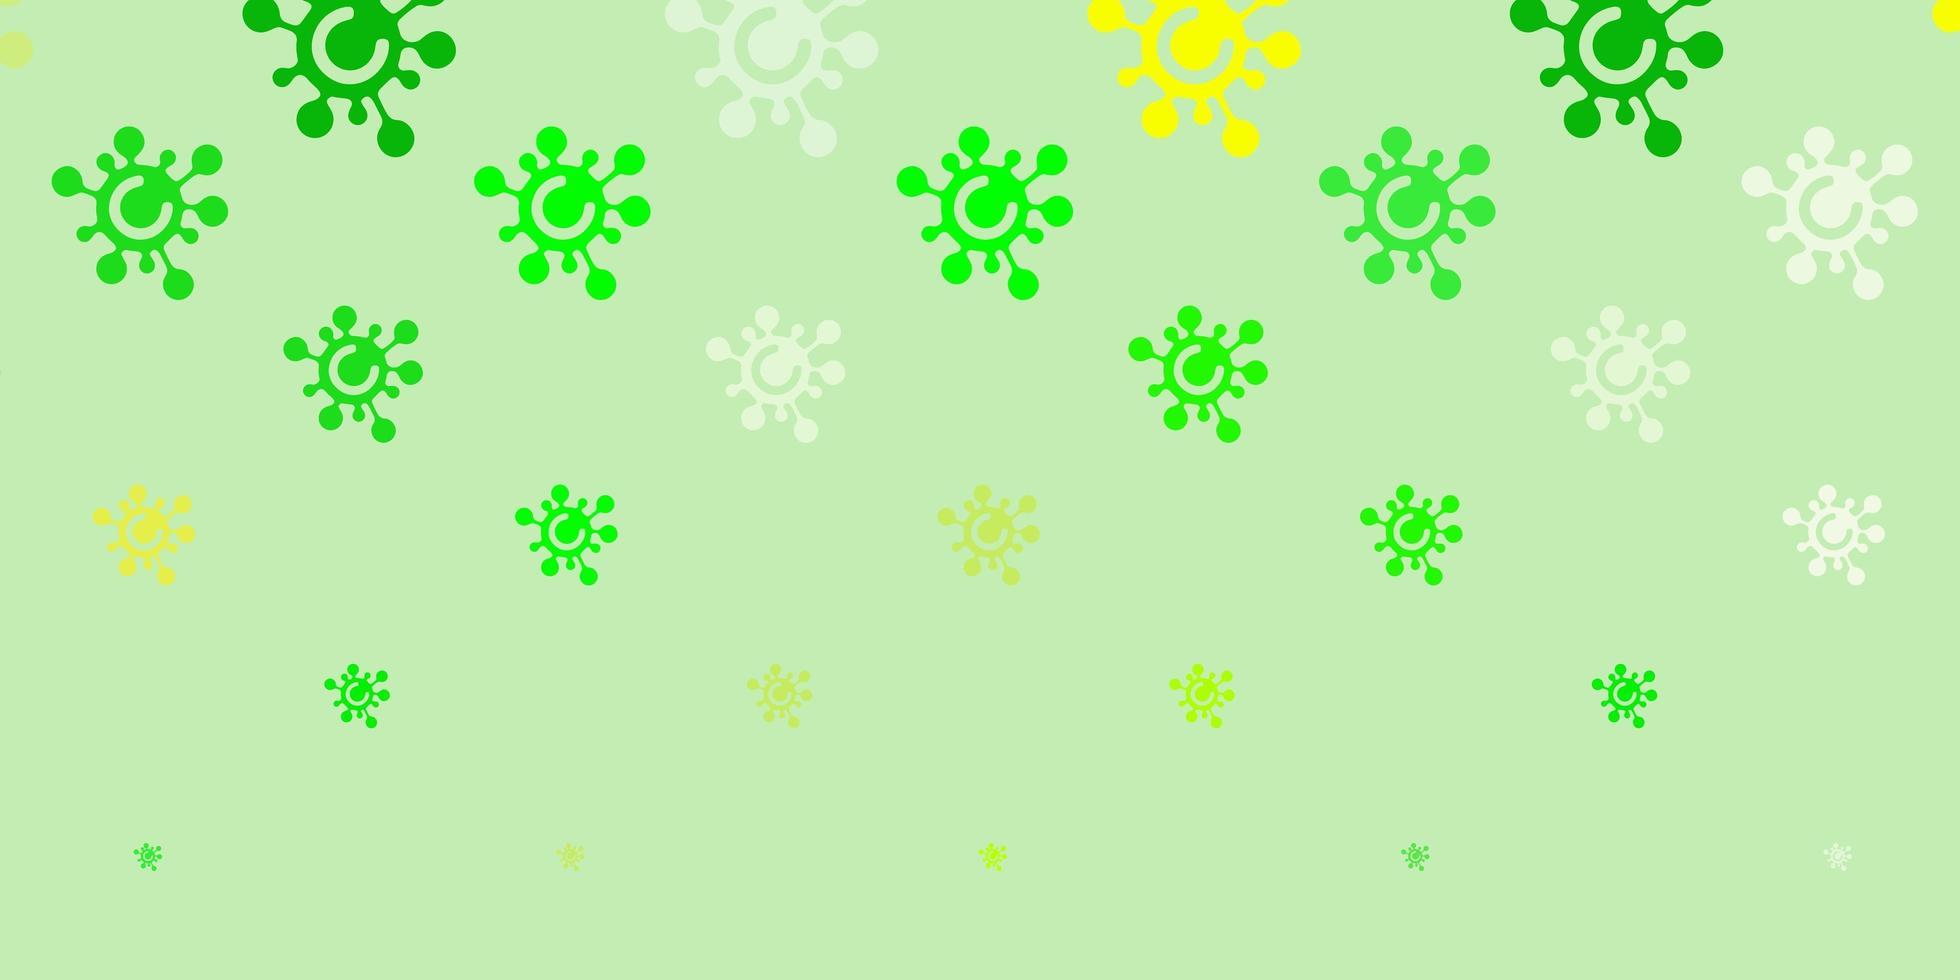 hellgrüner, gelber Vektorhintergrund mit Virensymbolen. vektor